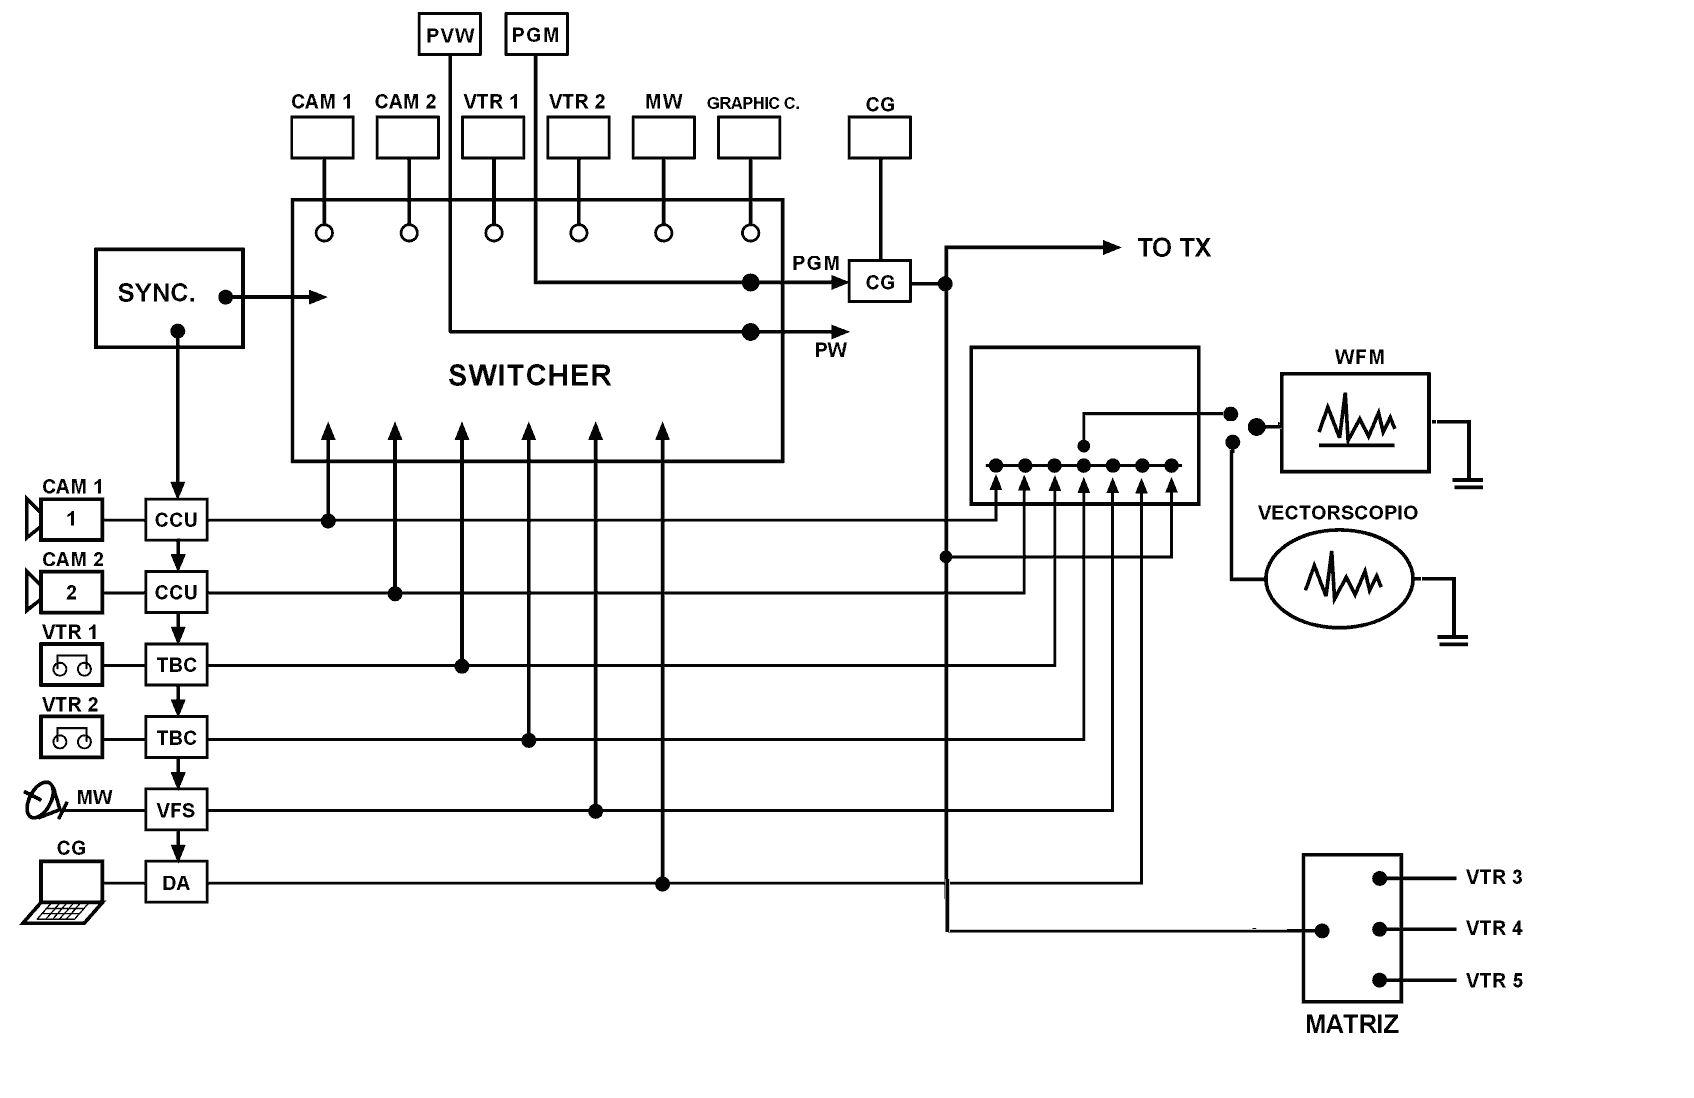 2000 daewoo lanos stereo wiring diagram